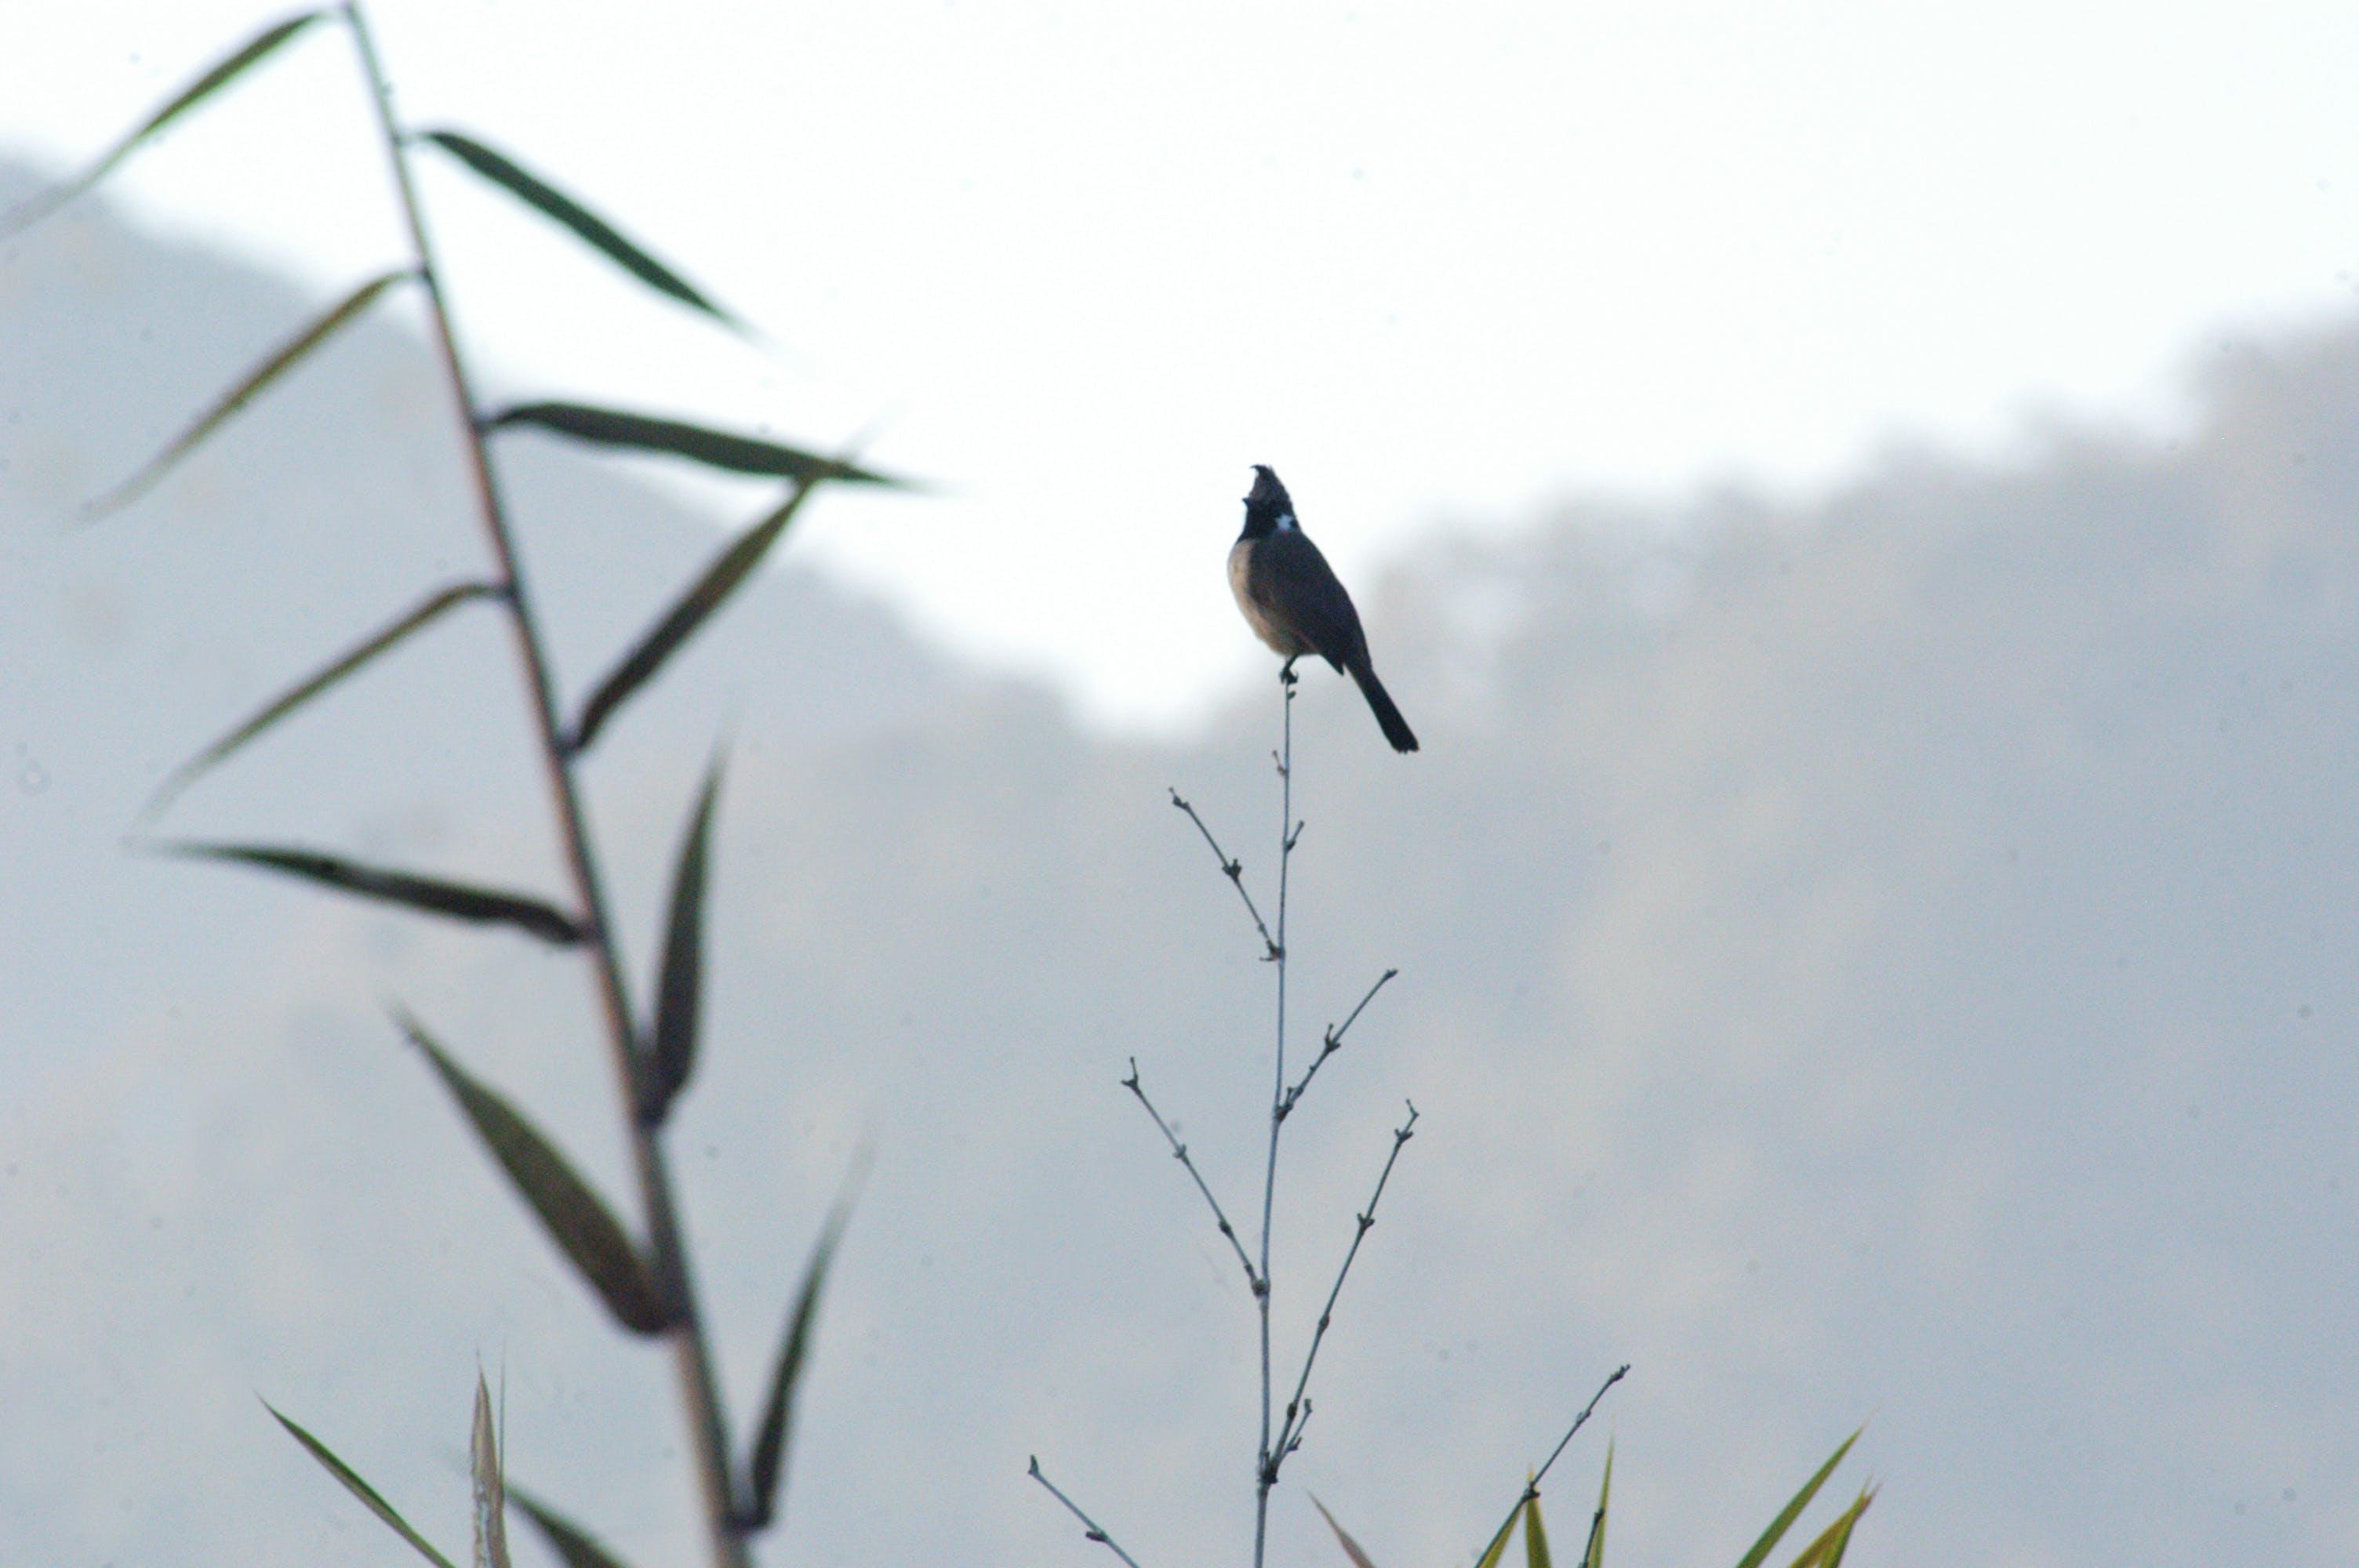 Free stock photo of bird, bird photography, forests, Himalayan Bulbul